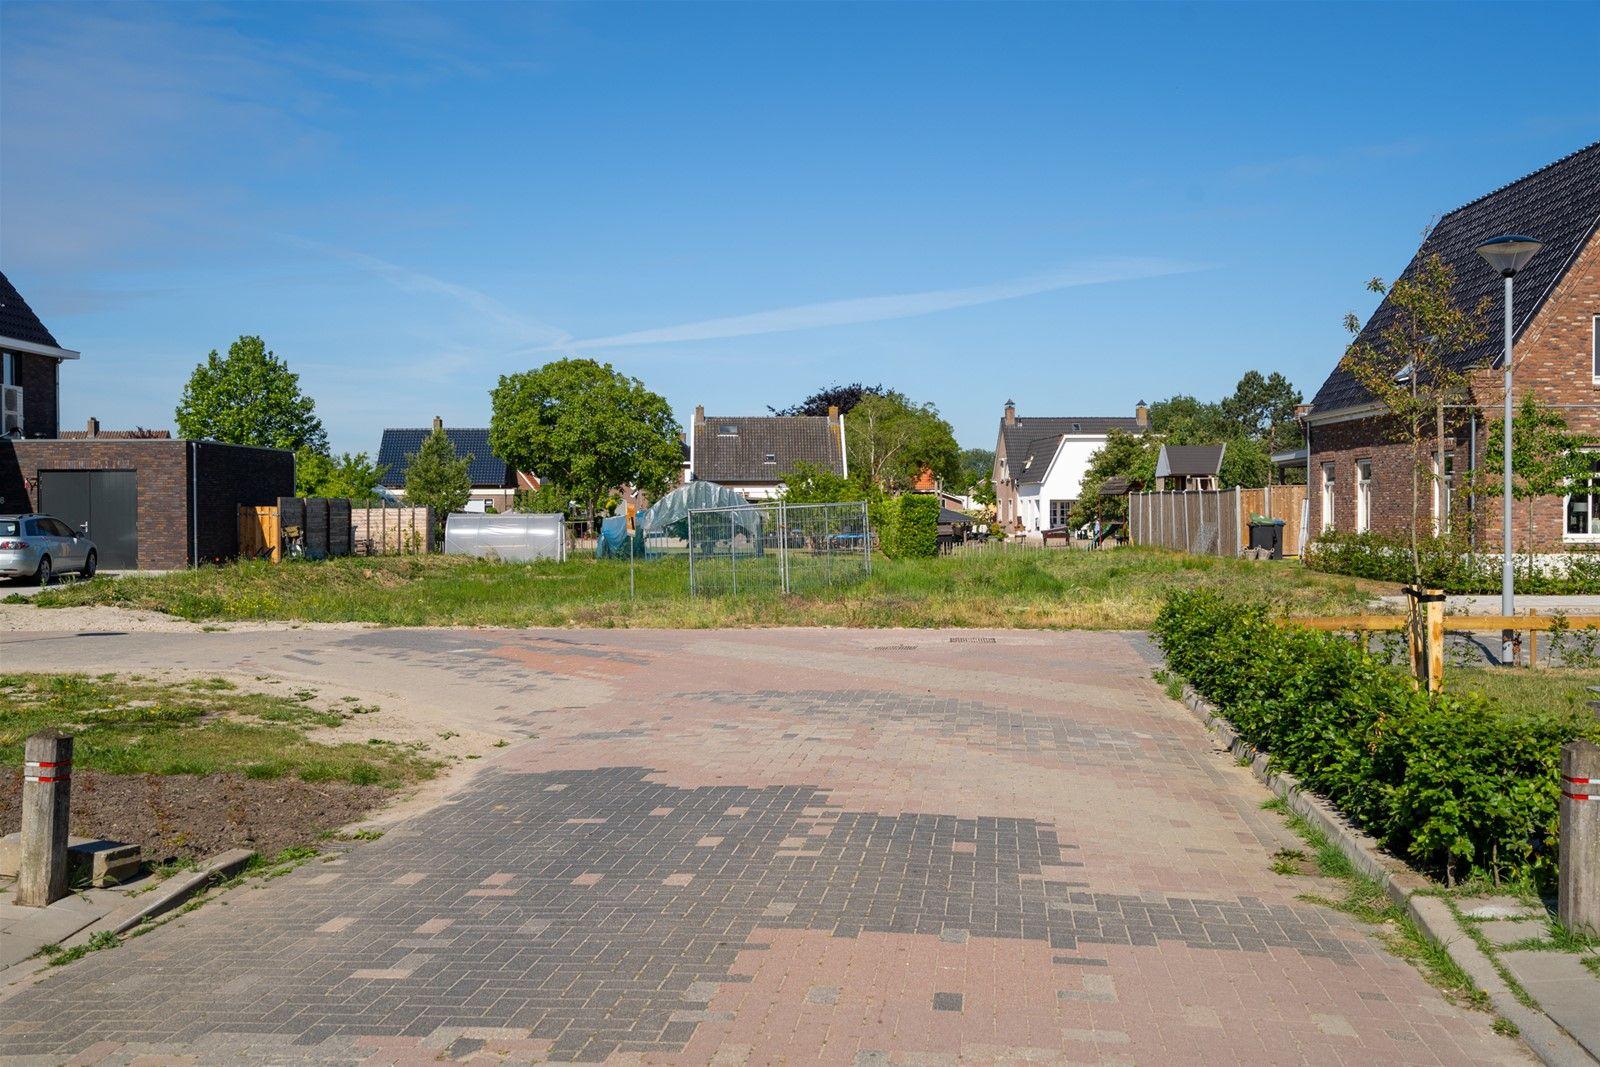 Harenhof 0ong, Zuilichem